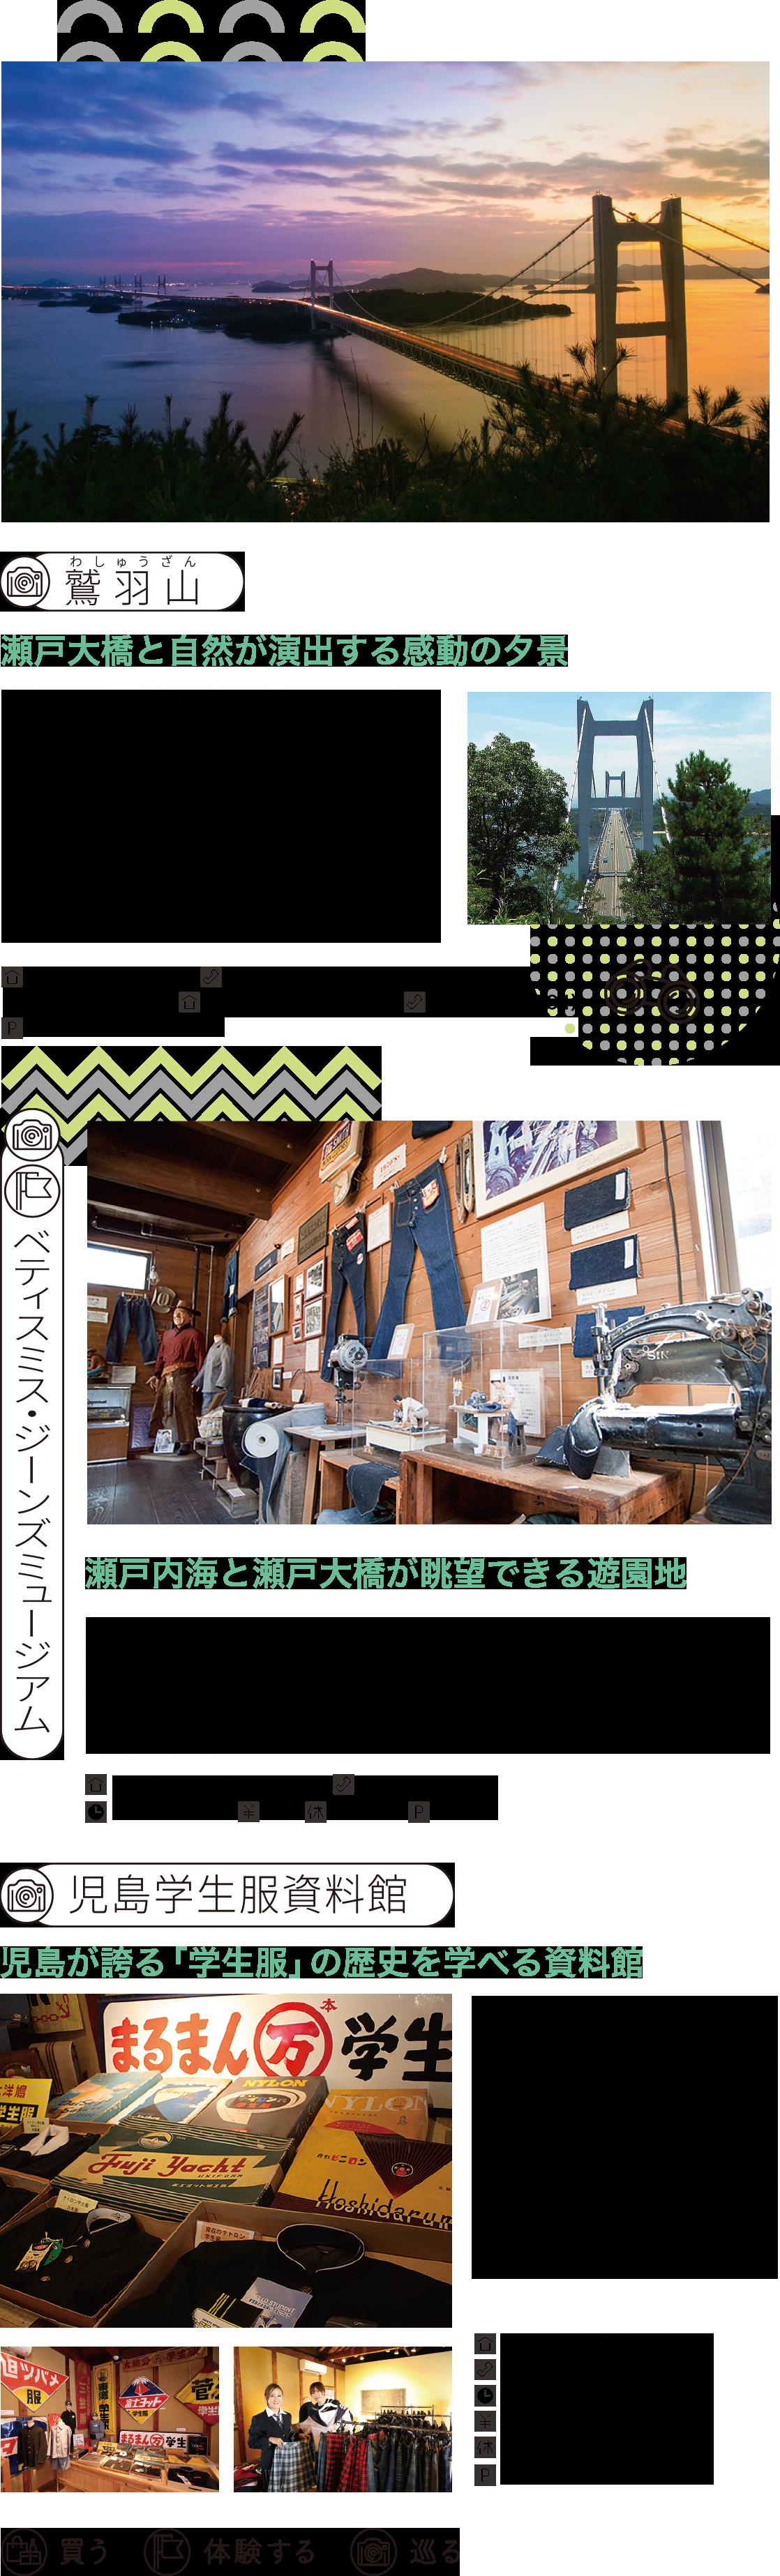 鷲羽山 六口島の象岩 児島学生服資料館